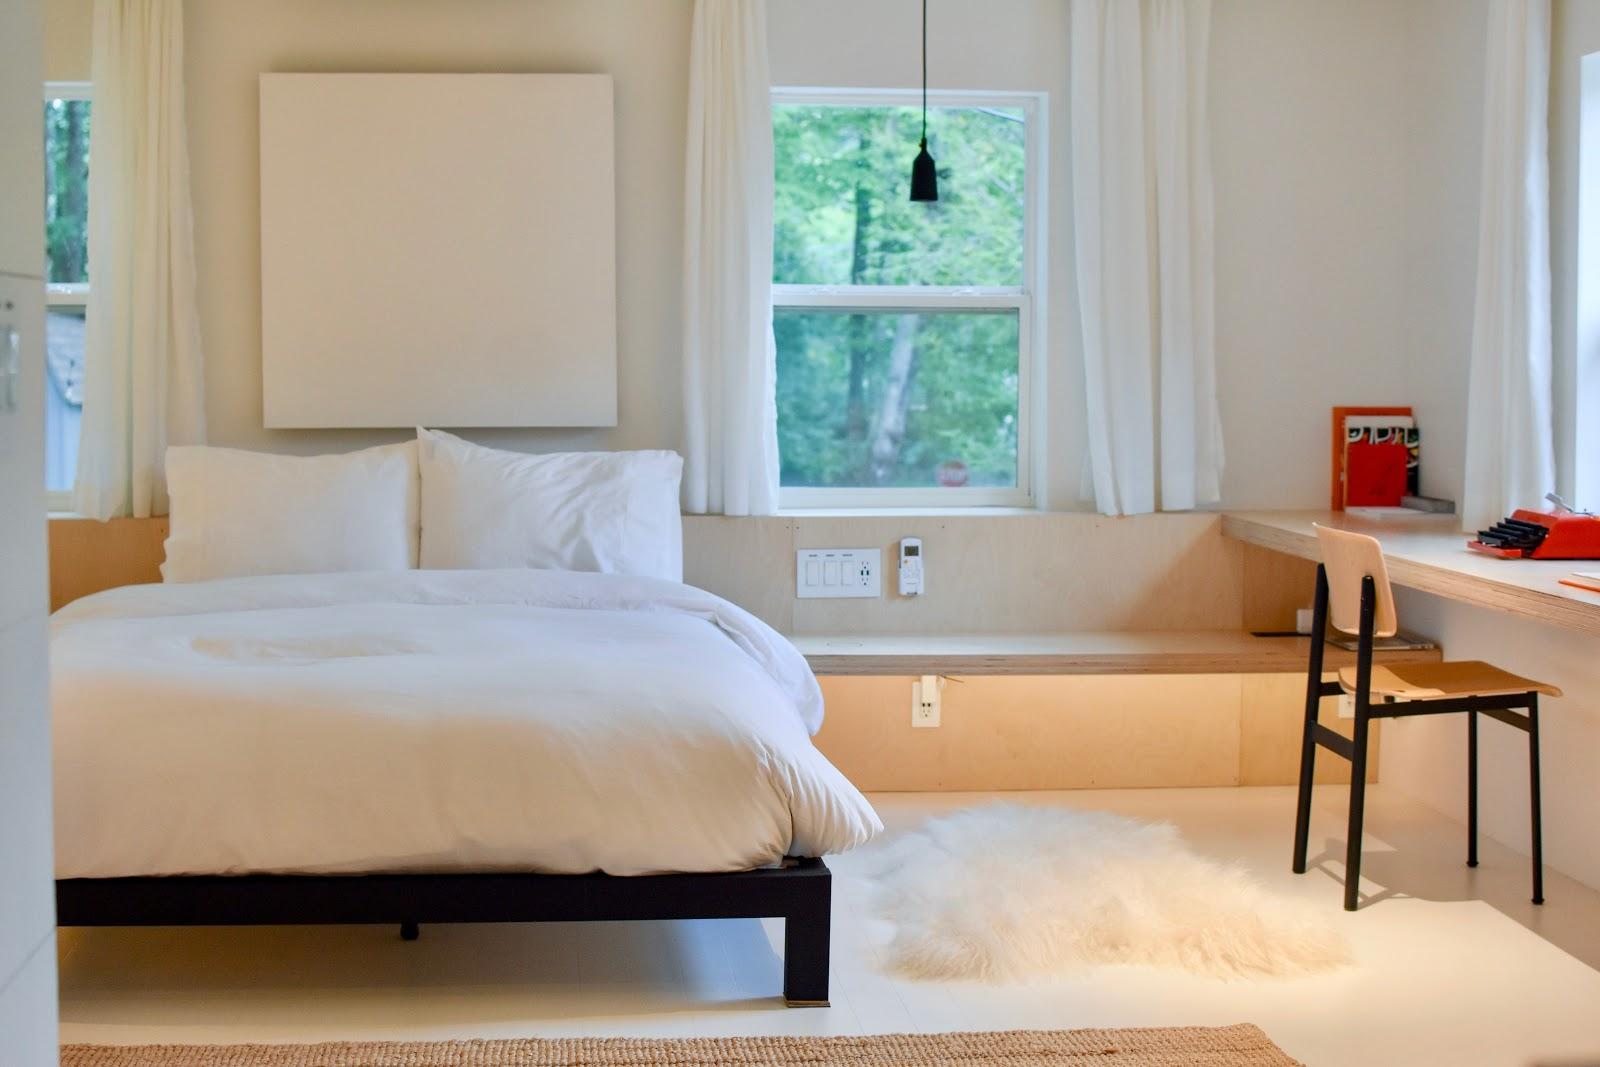 Desain minimalis dapat memberikan kesan ruangan terlihat lebih - source: unsplash.com